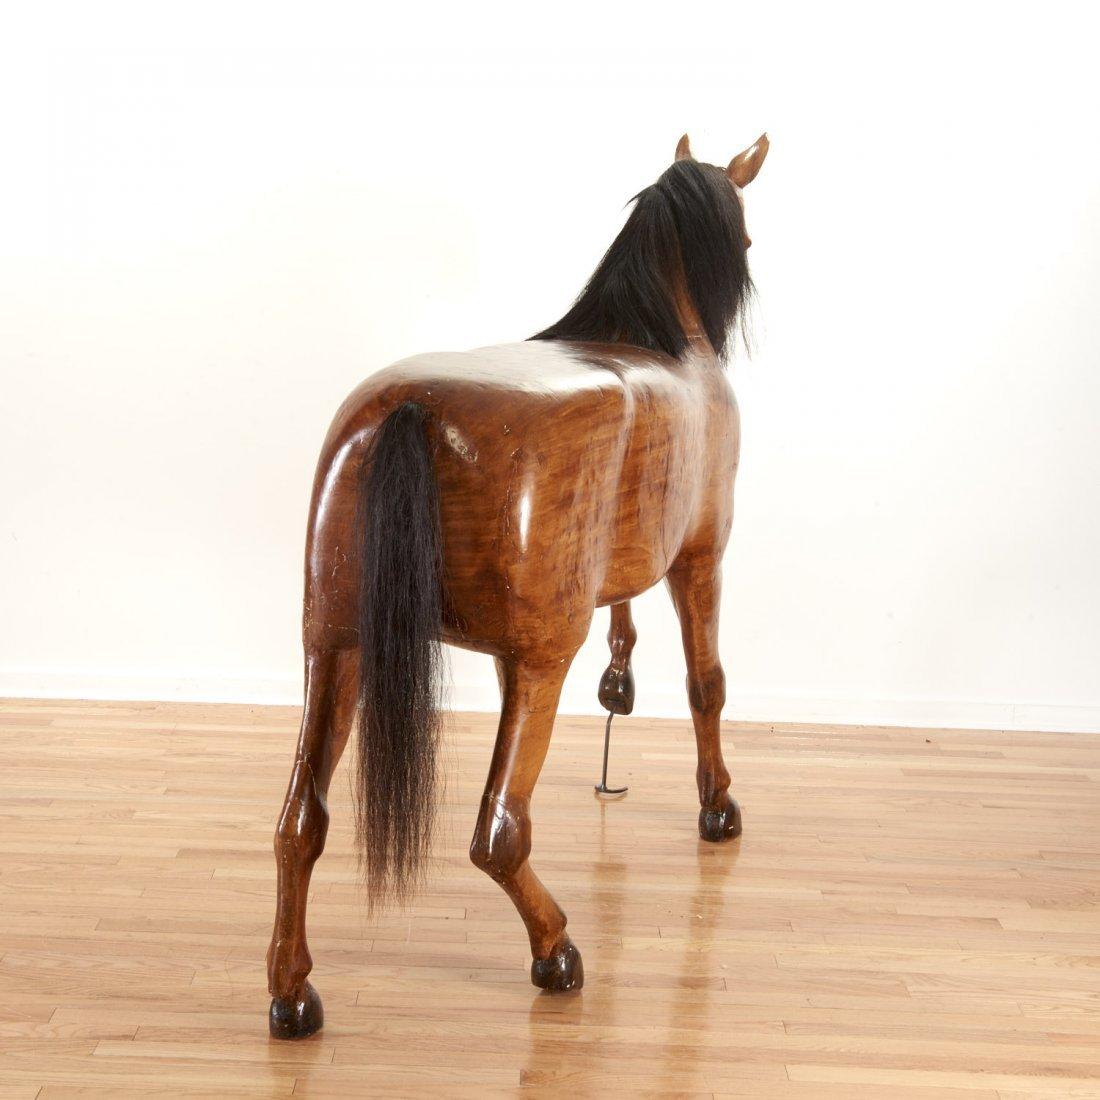 Antique tack shop/saddlery horse mannequin - 7